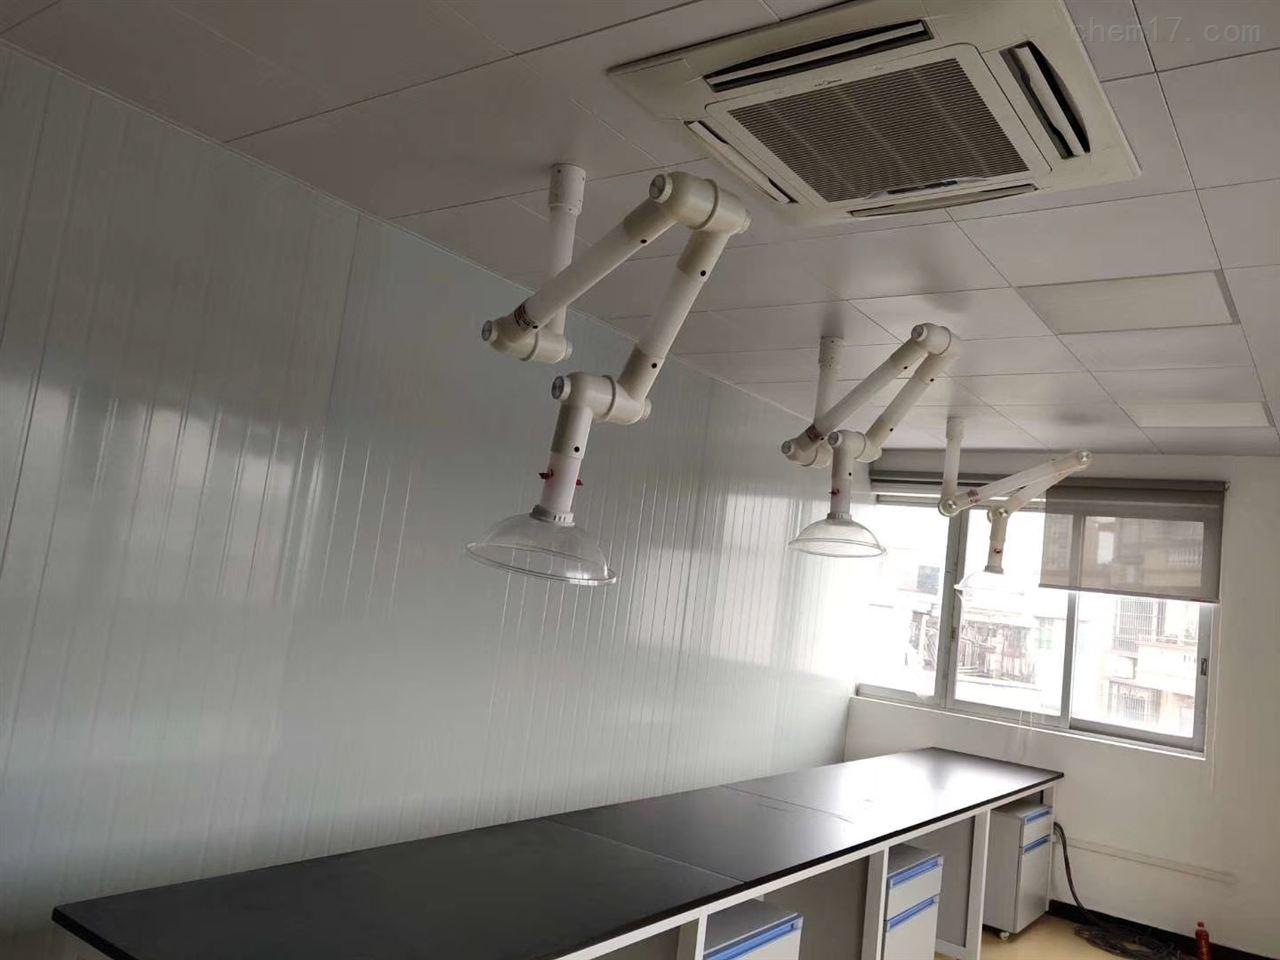 番禺区食品厂烘烤室通排风系统工程